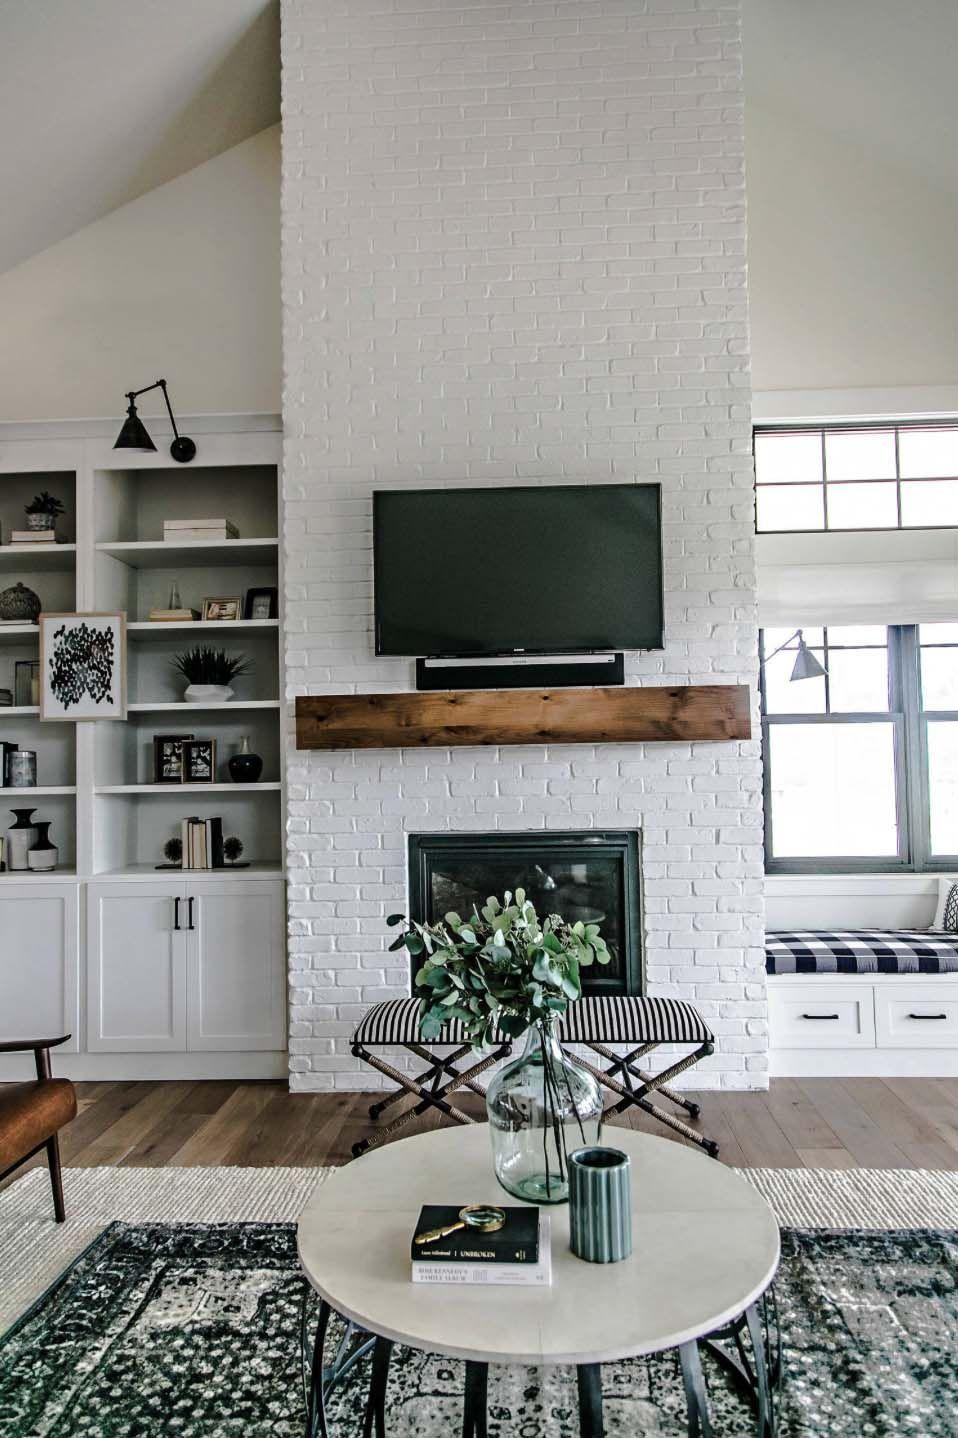 Gut Dekorieren Mit Einem Fernseher Im Wohnzimmer